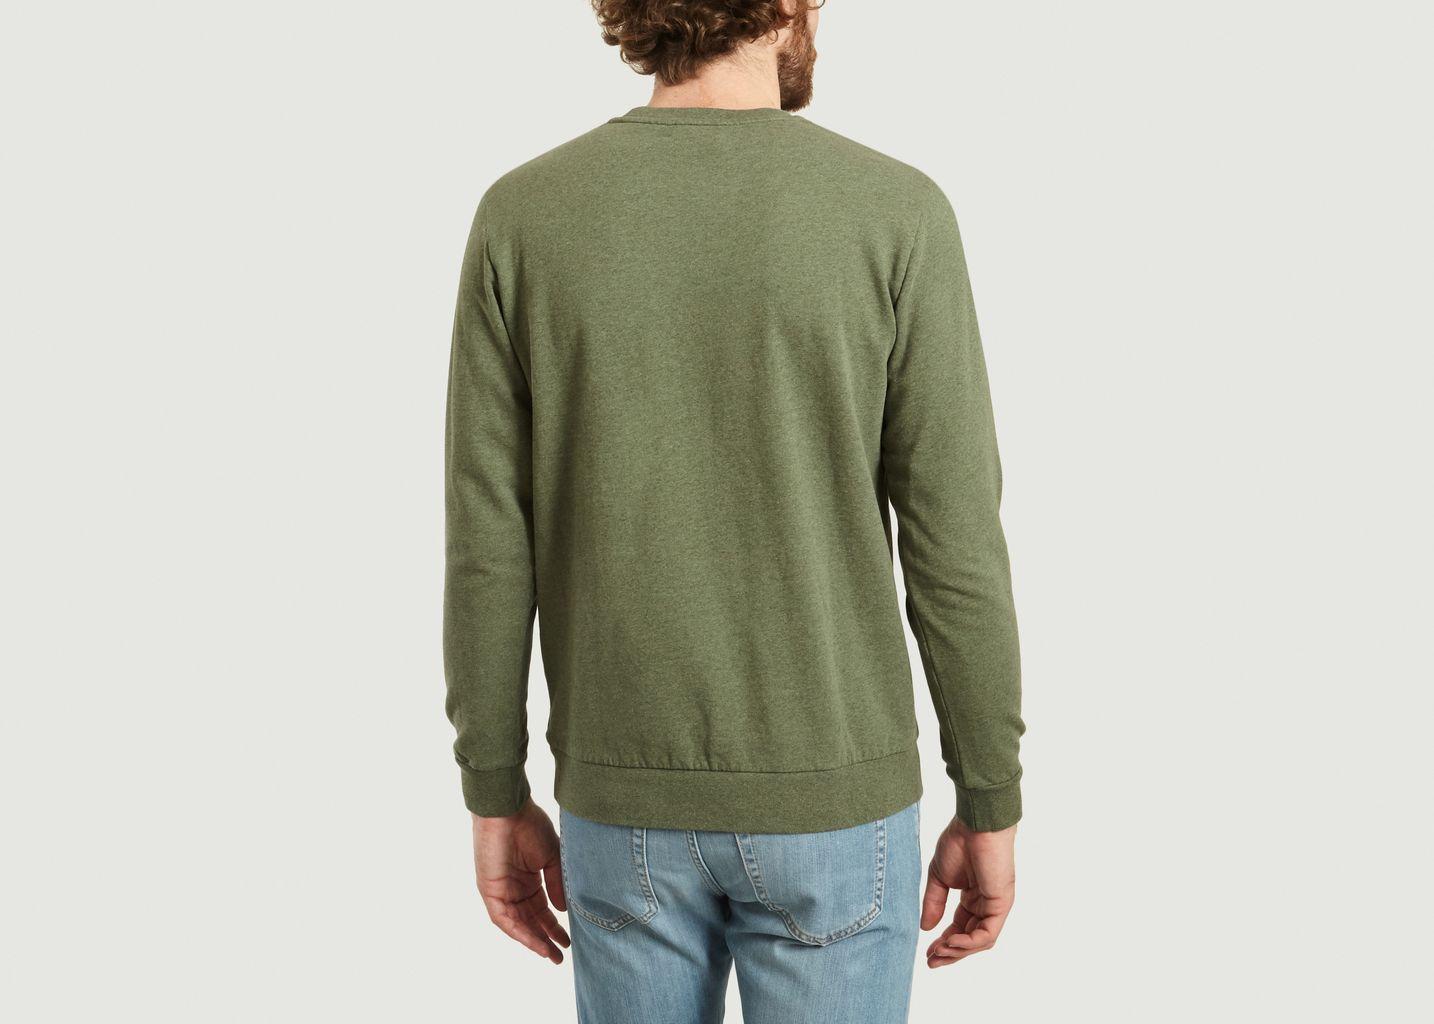 Sweatshirt L'Amour A Hawaï Jamel - Cuisse de Grenouille